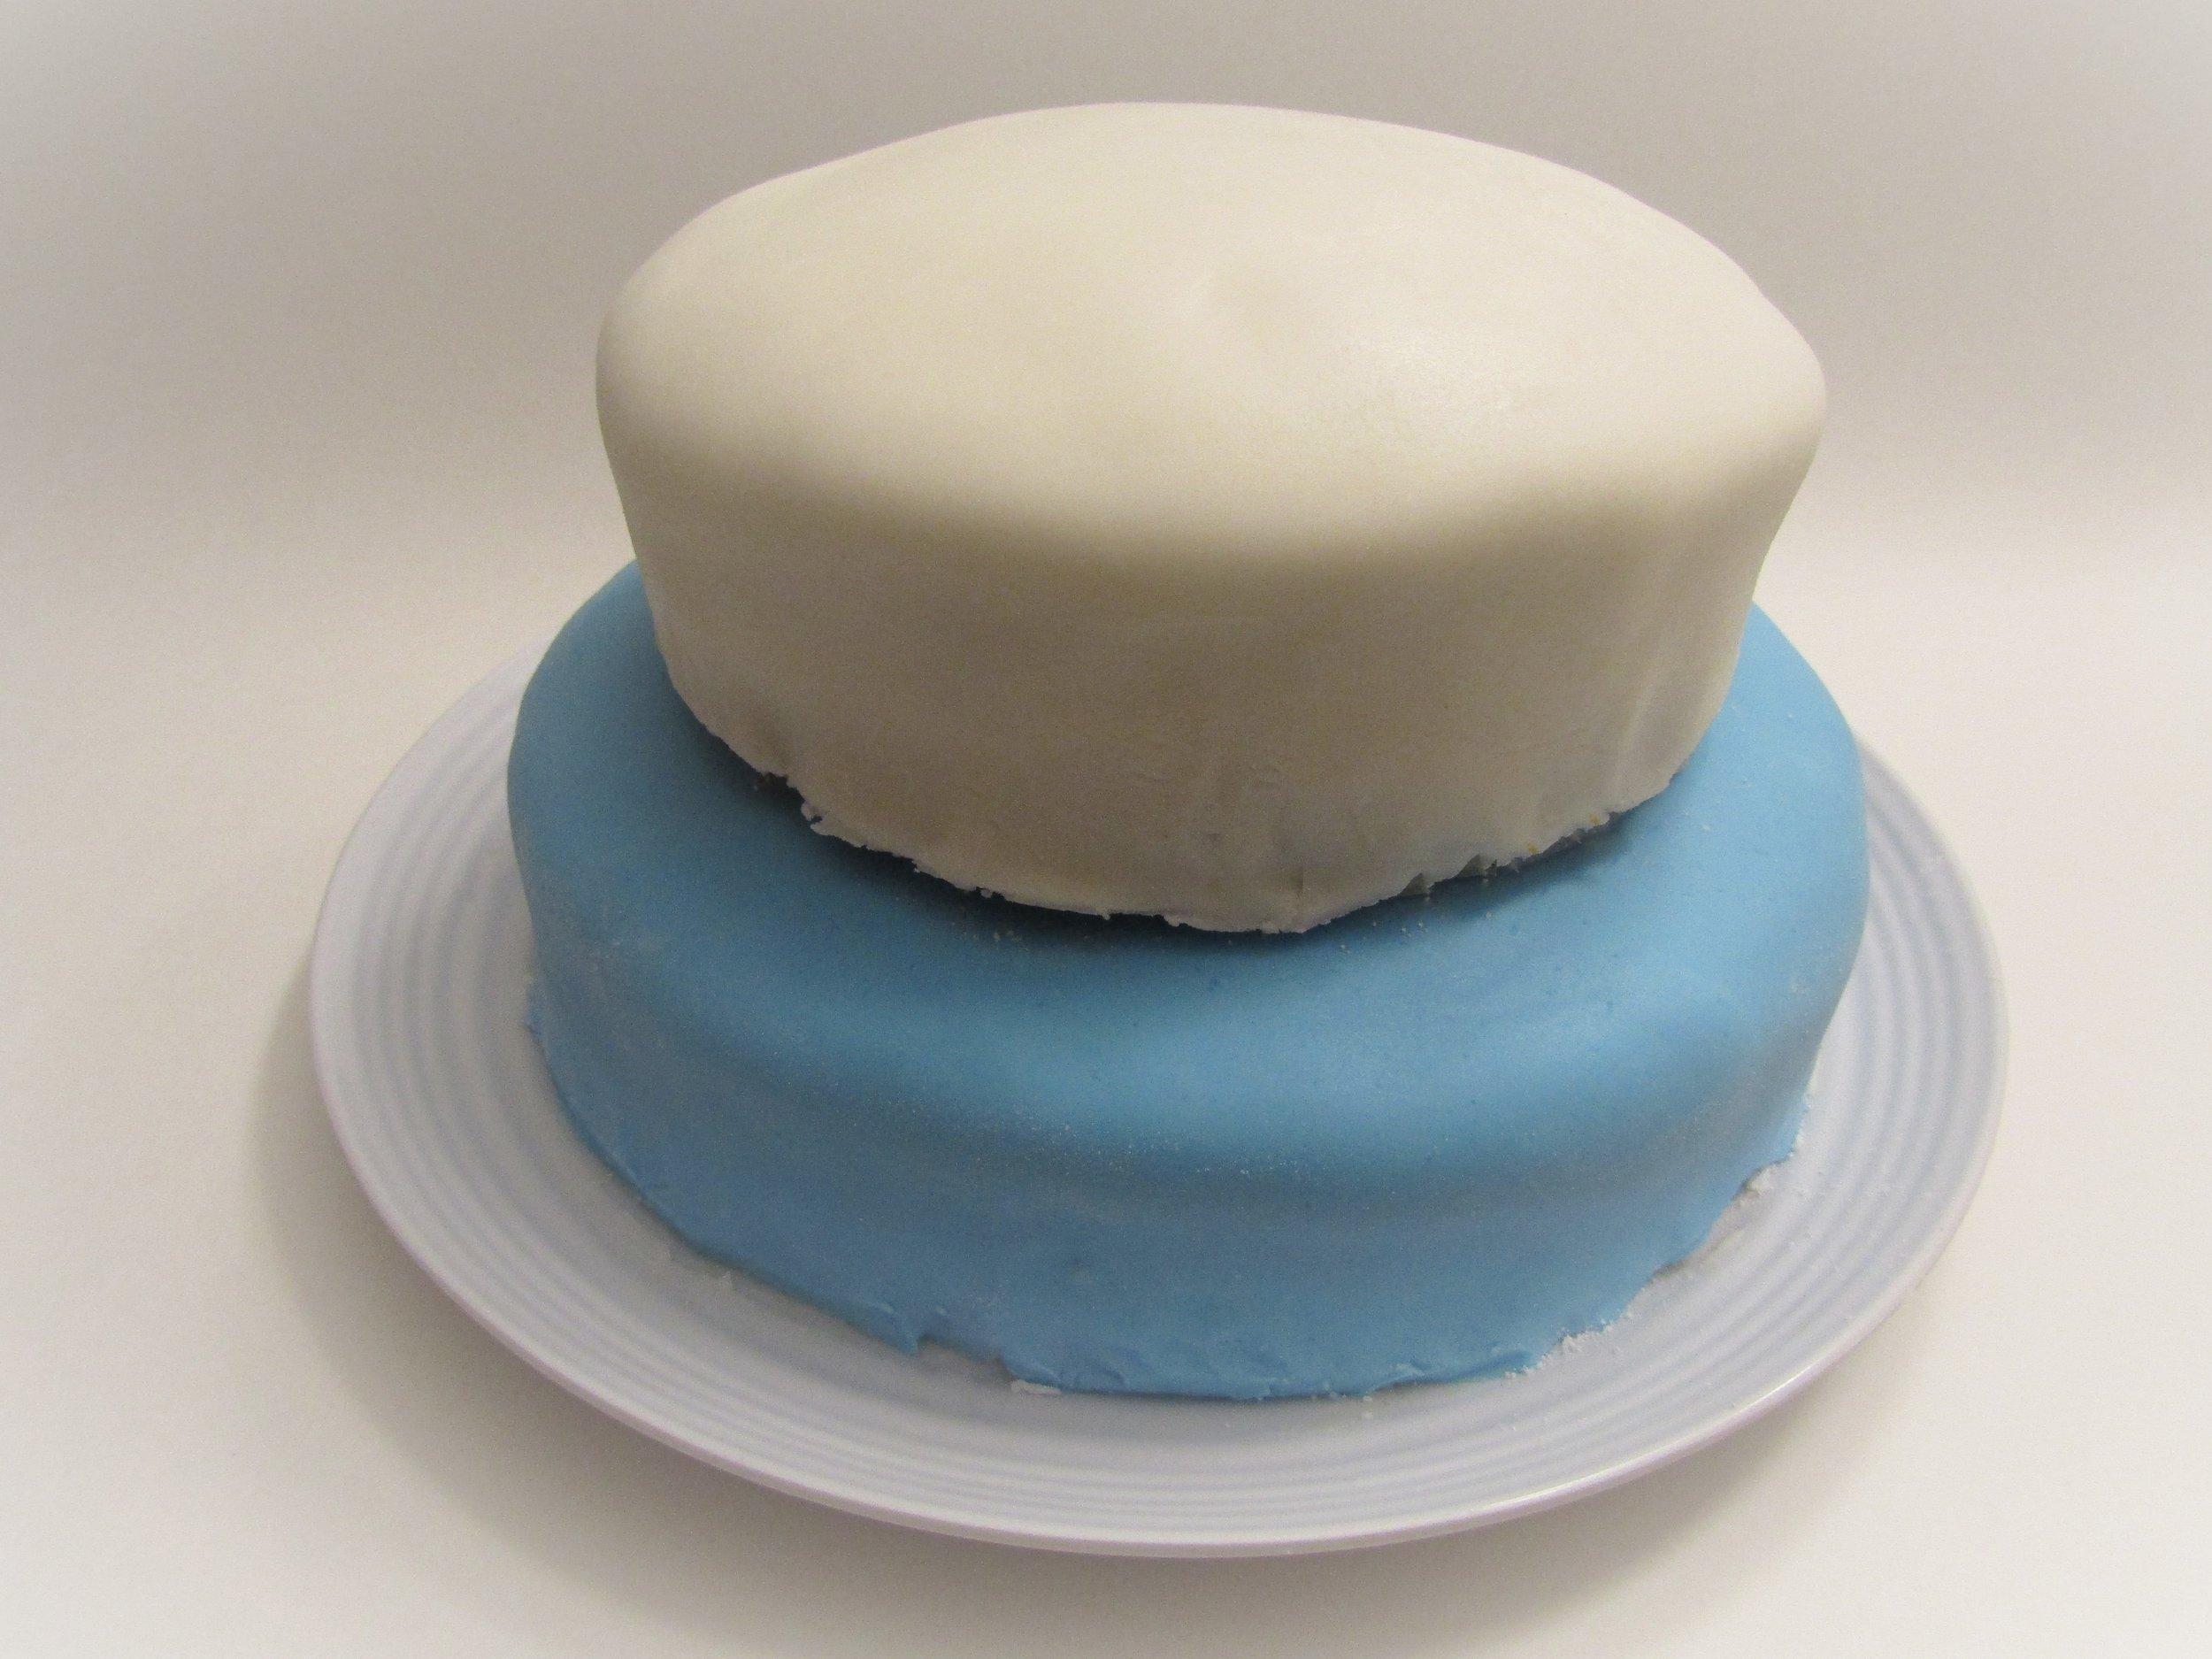 gâteaux-superposés-fête-enfant-boucle-bleue-facile